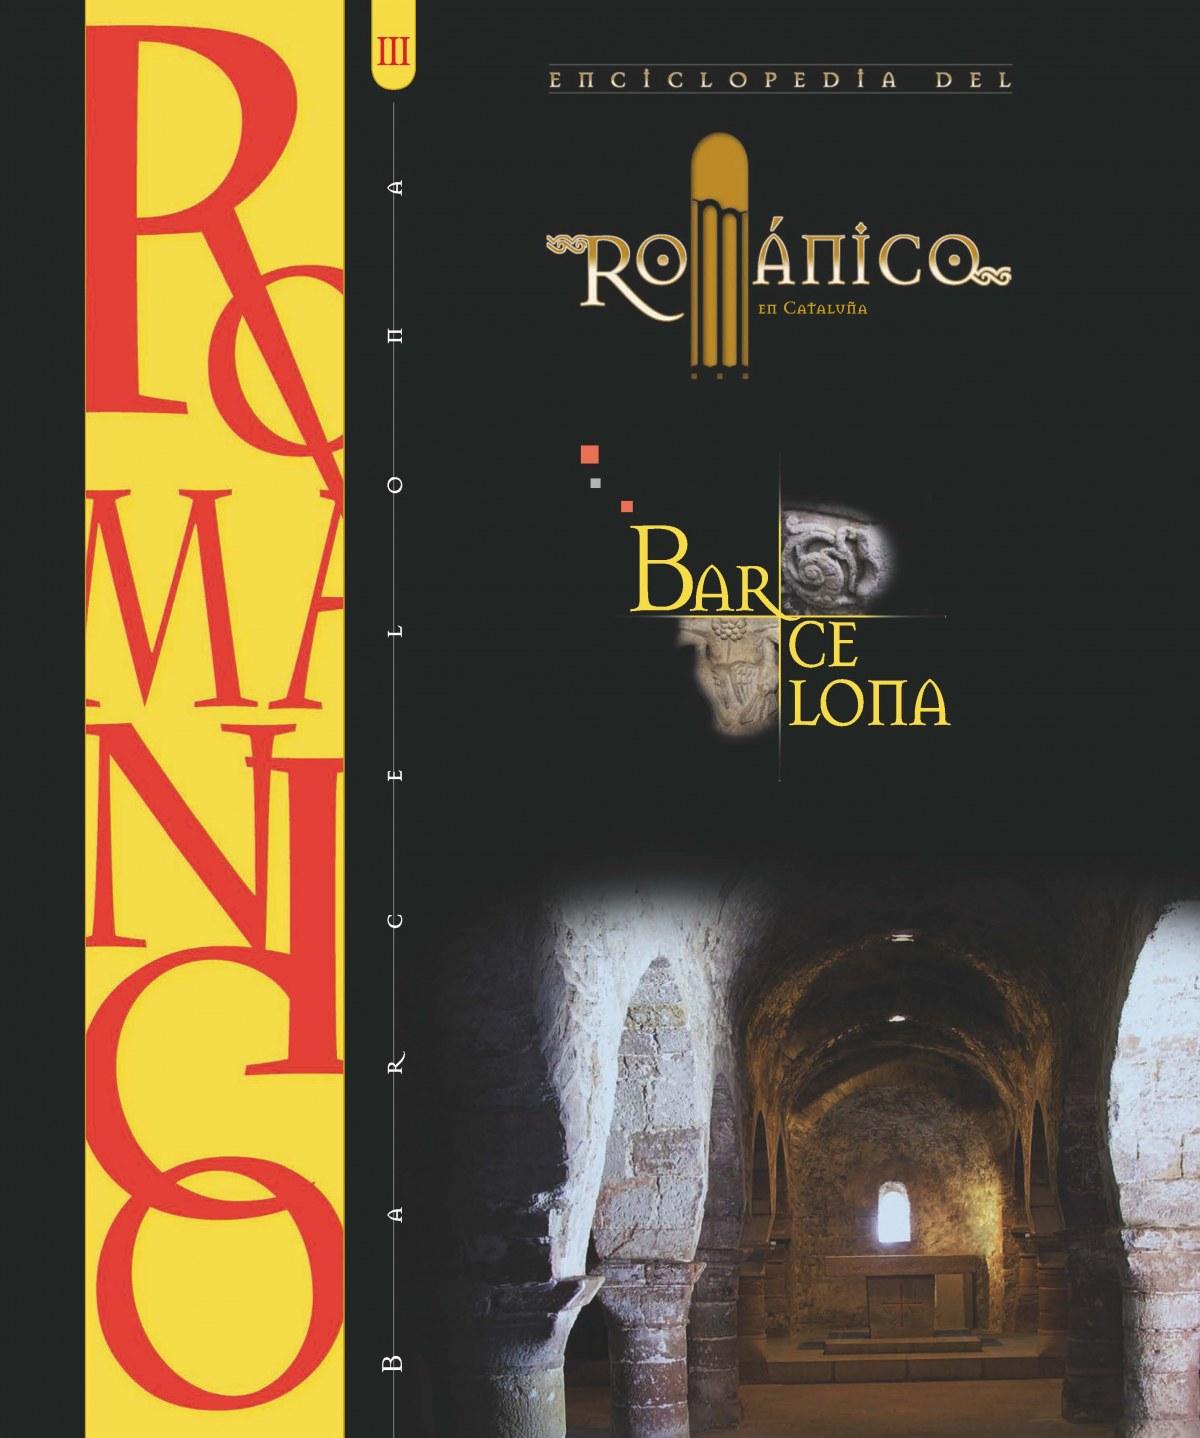 ENCICLOPEDIA DEL ROMANICO BARCELONA III